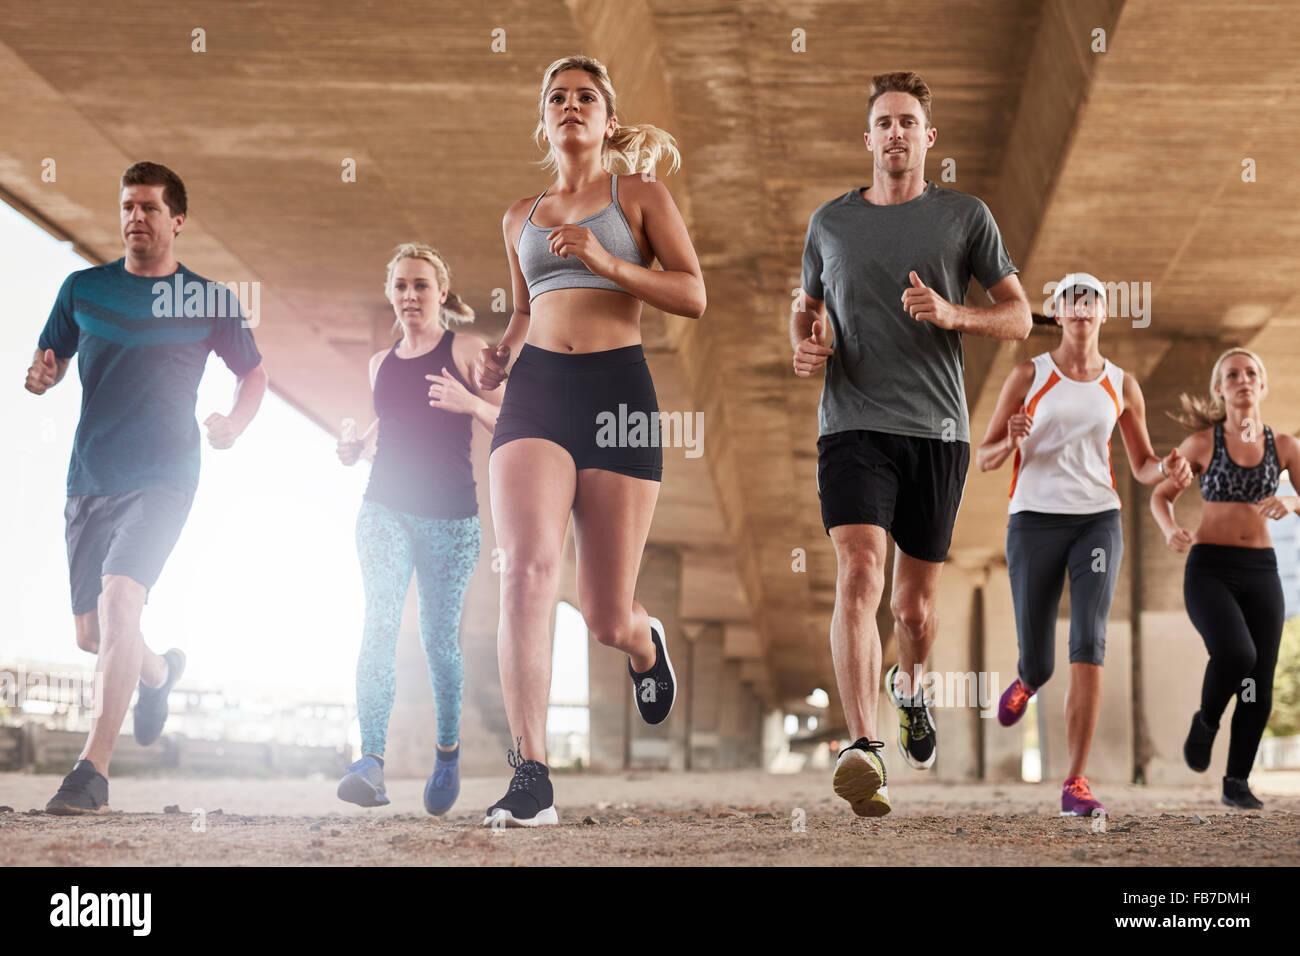 Entschlossene Gruppe von jungen Leuten zusammen in die Stadt laufen. Niedrigen Winkel Schuss der laufenden Club Stockbild